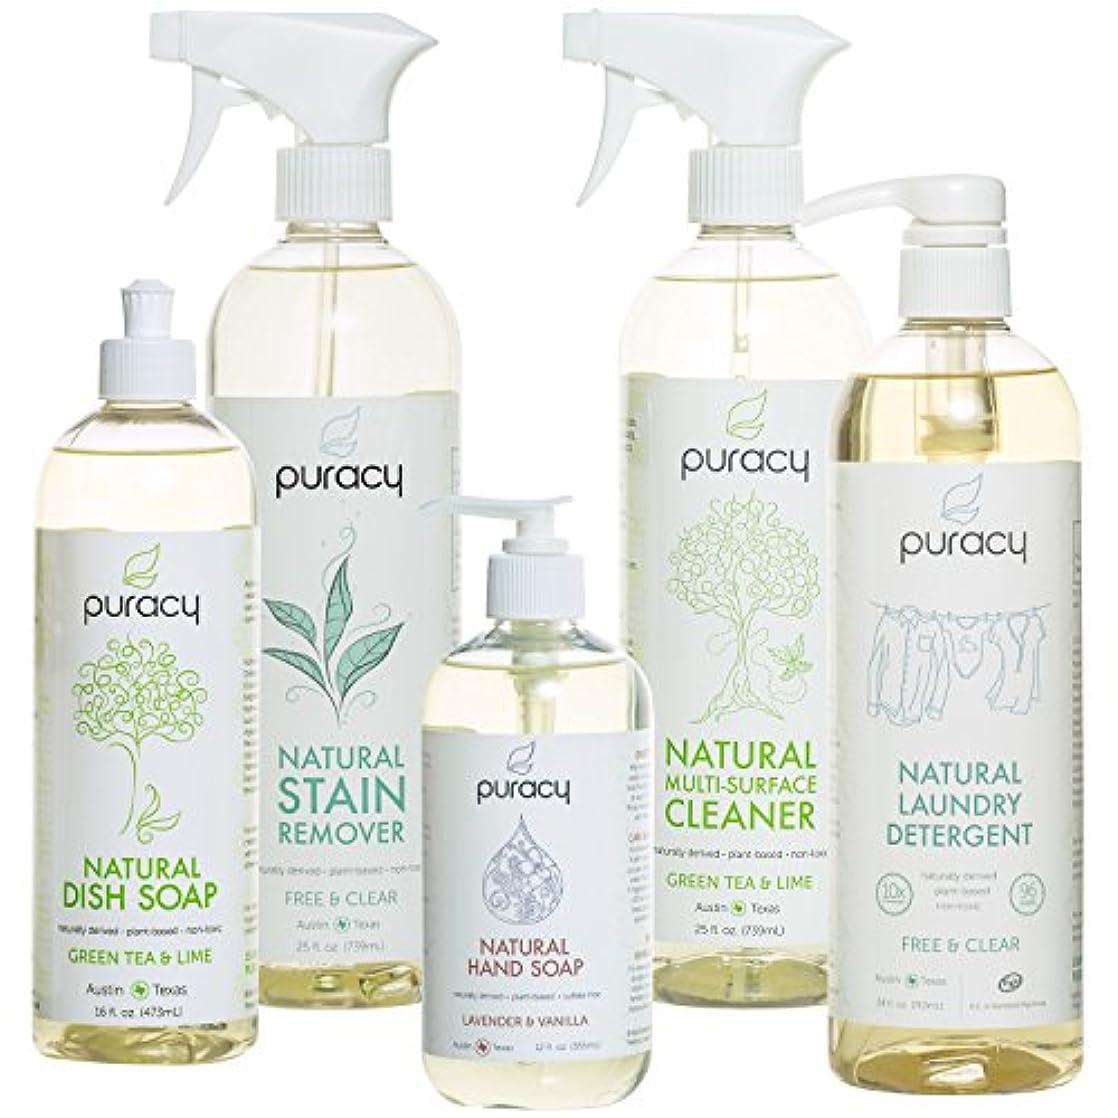 ナビゲーション幸運なことに性能Puracy Natural Home Cleaning Essentials Set - Hand Soap, Dish Soap, Laundry Detergent, Multi-Surface Cleaner, Laundry Stain Remover Bundle - Pack of 5 by Puracy